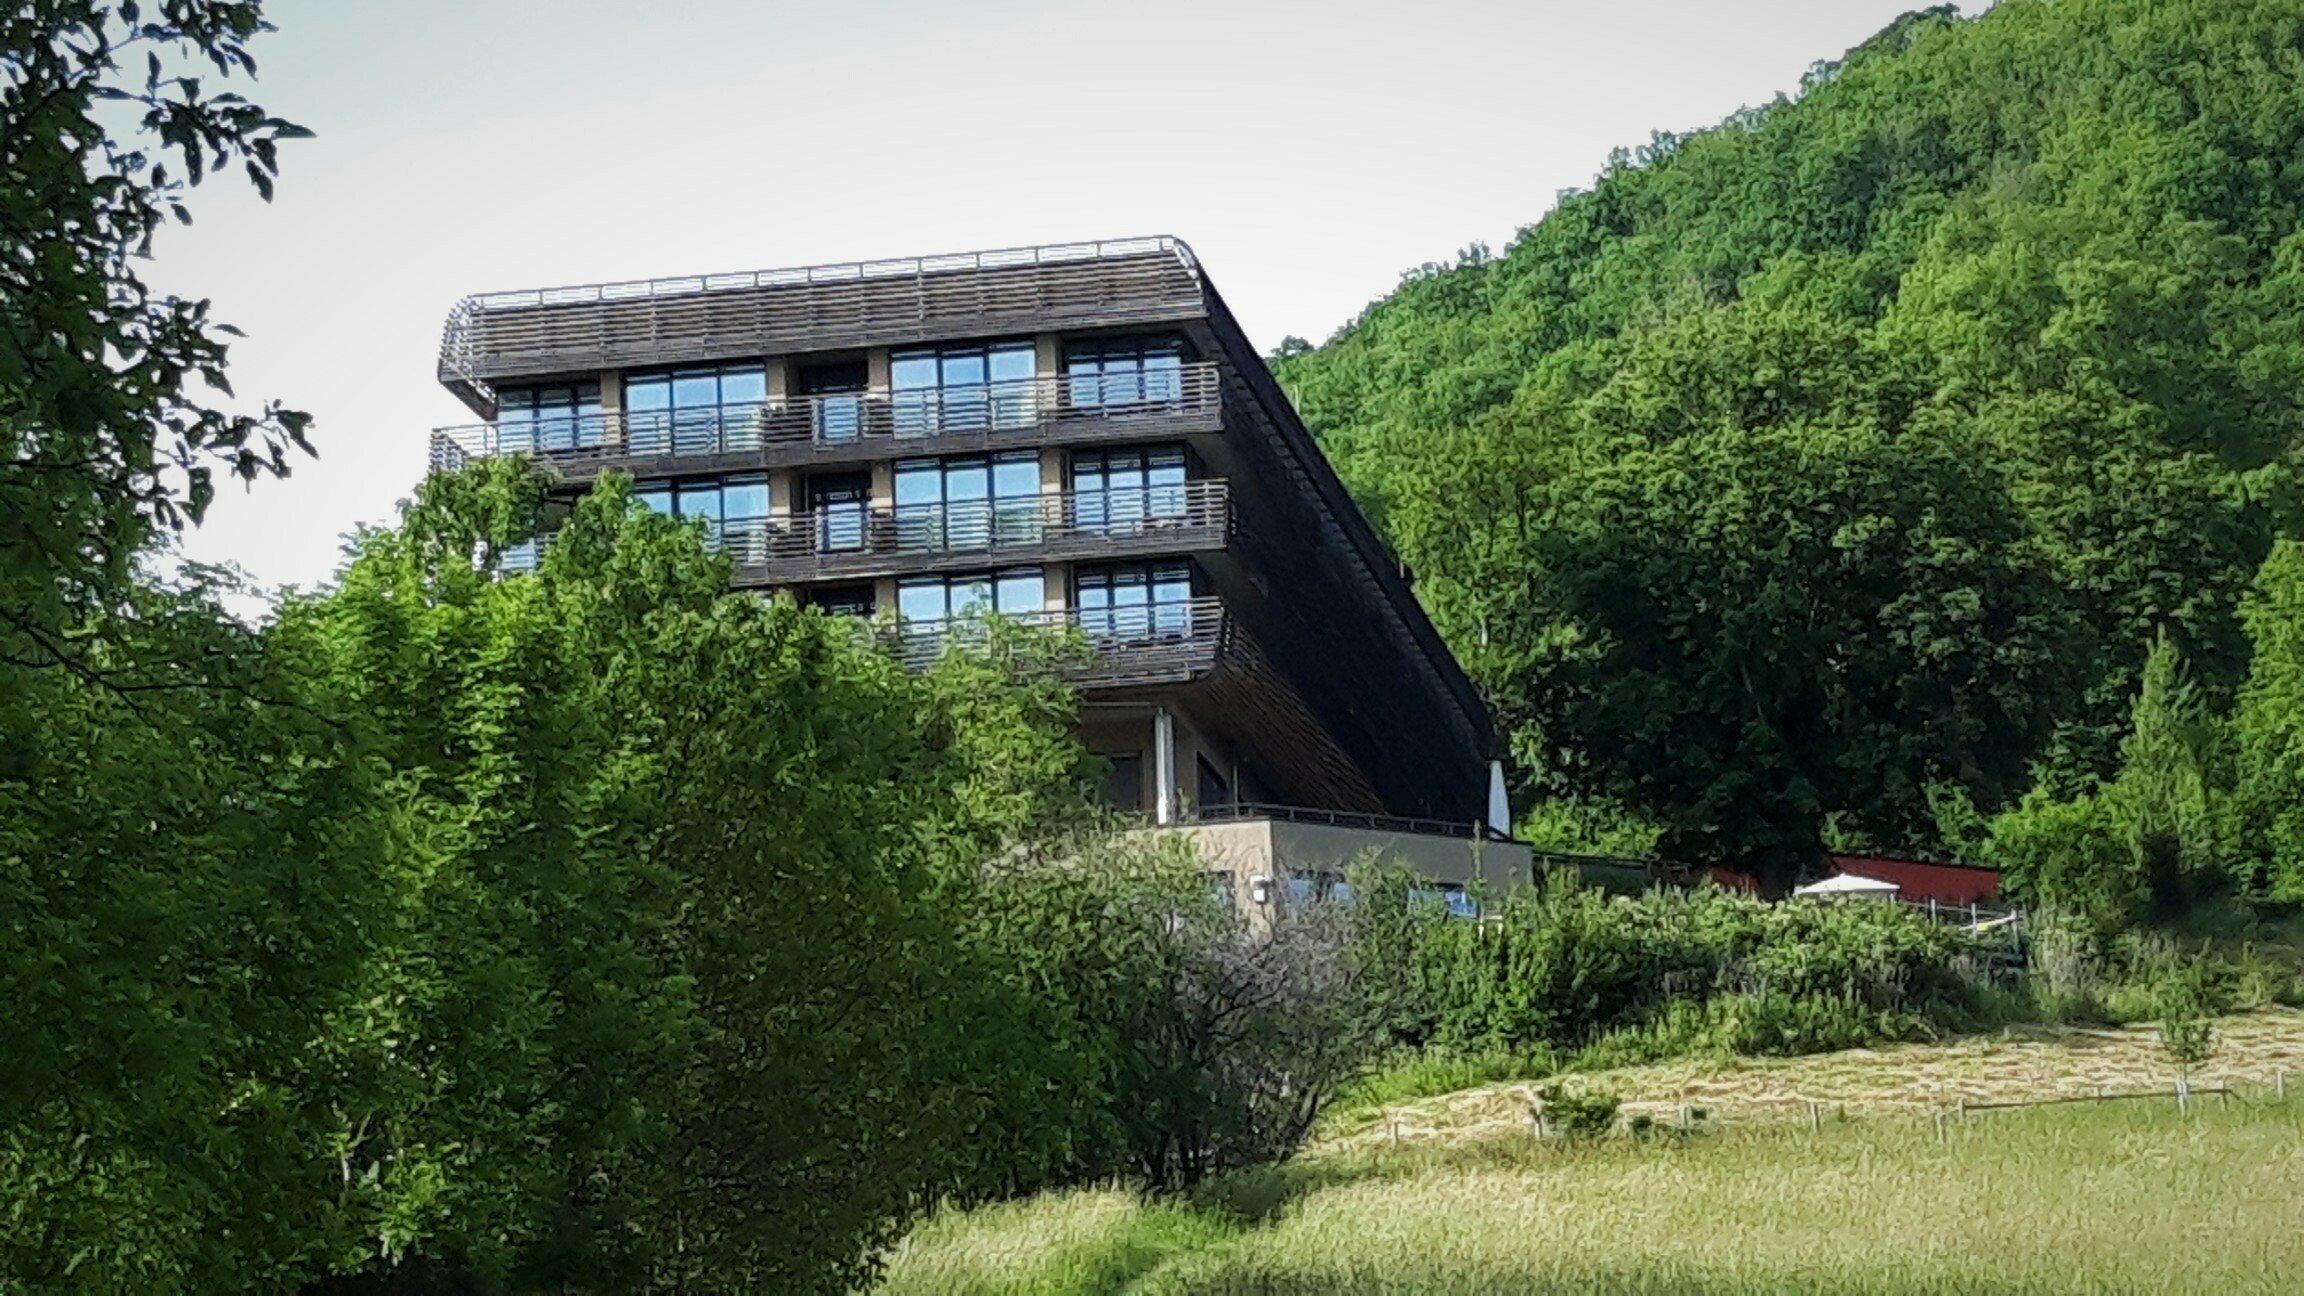 Zwischen Laubbäumen ragt der Kubus des Hotels heraus, dessen Holzfassade das Gebäude aber in Einklang mit der Natur bringt.